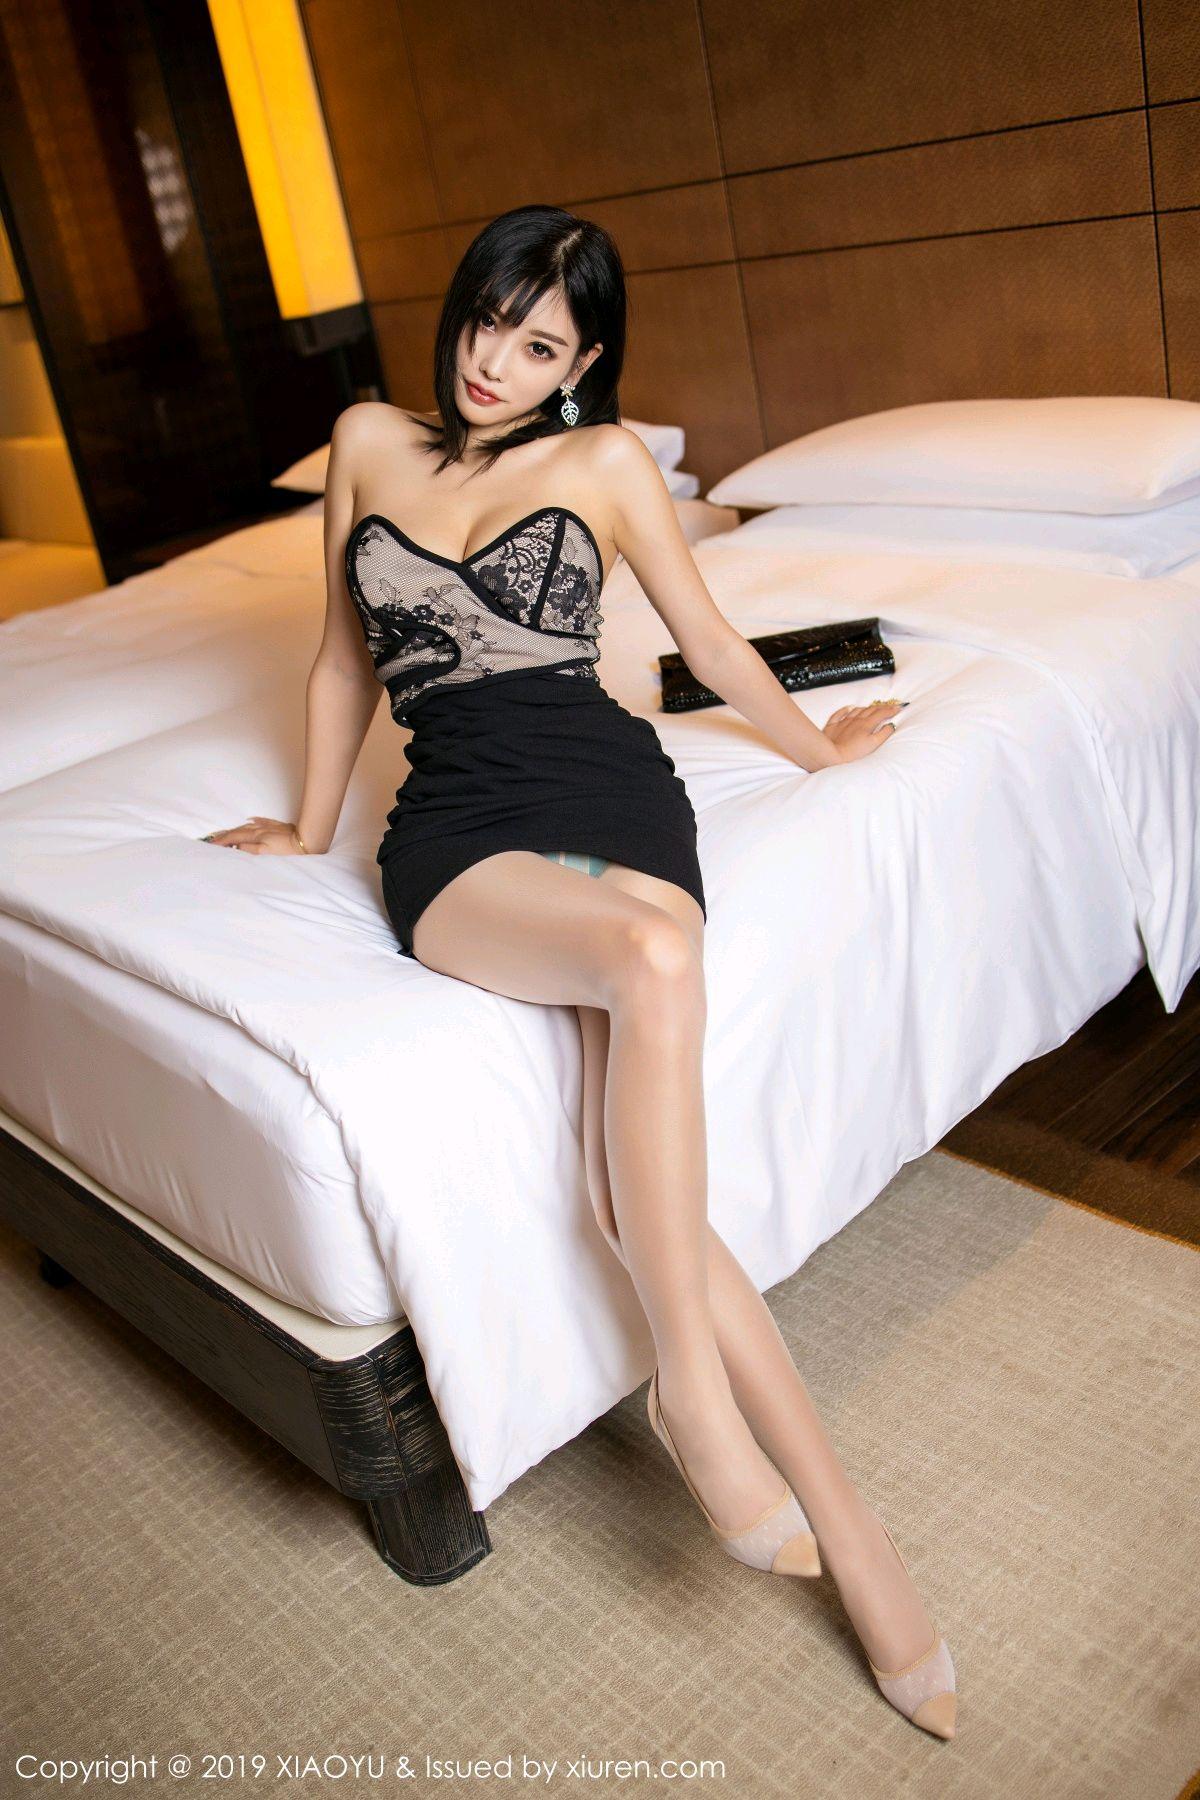 [XiaoYu] Vol.209 Yang Chen Chen 18P, Underwear, XiaoYu, Yang Chen Chen